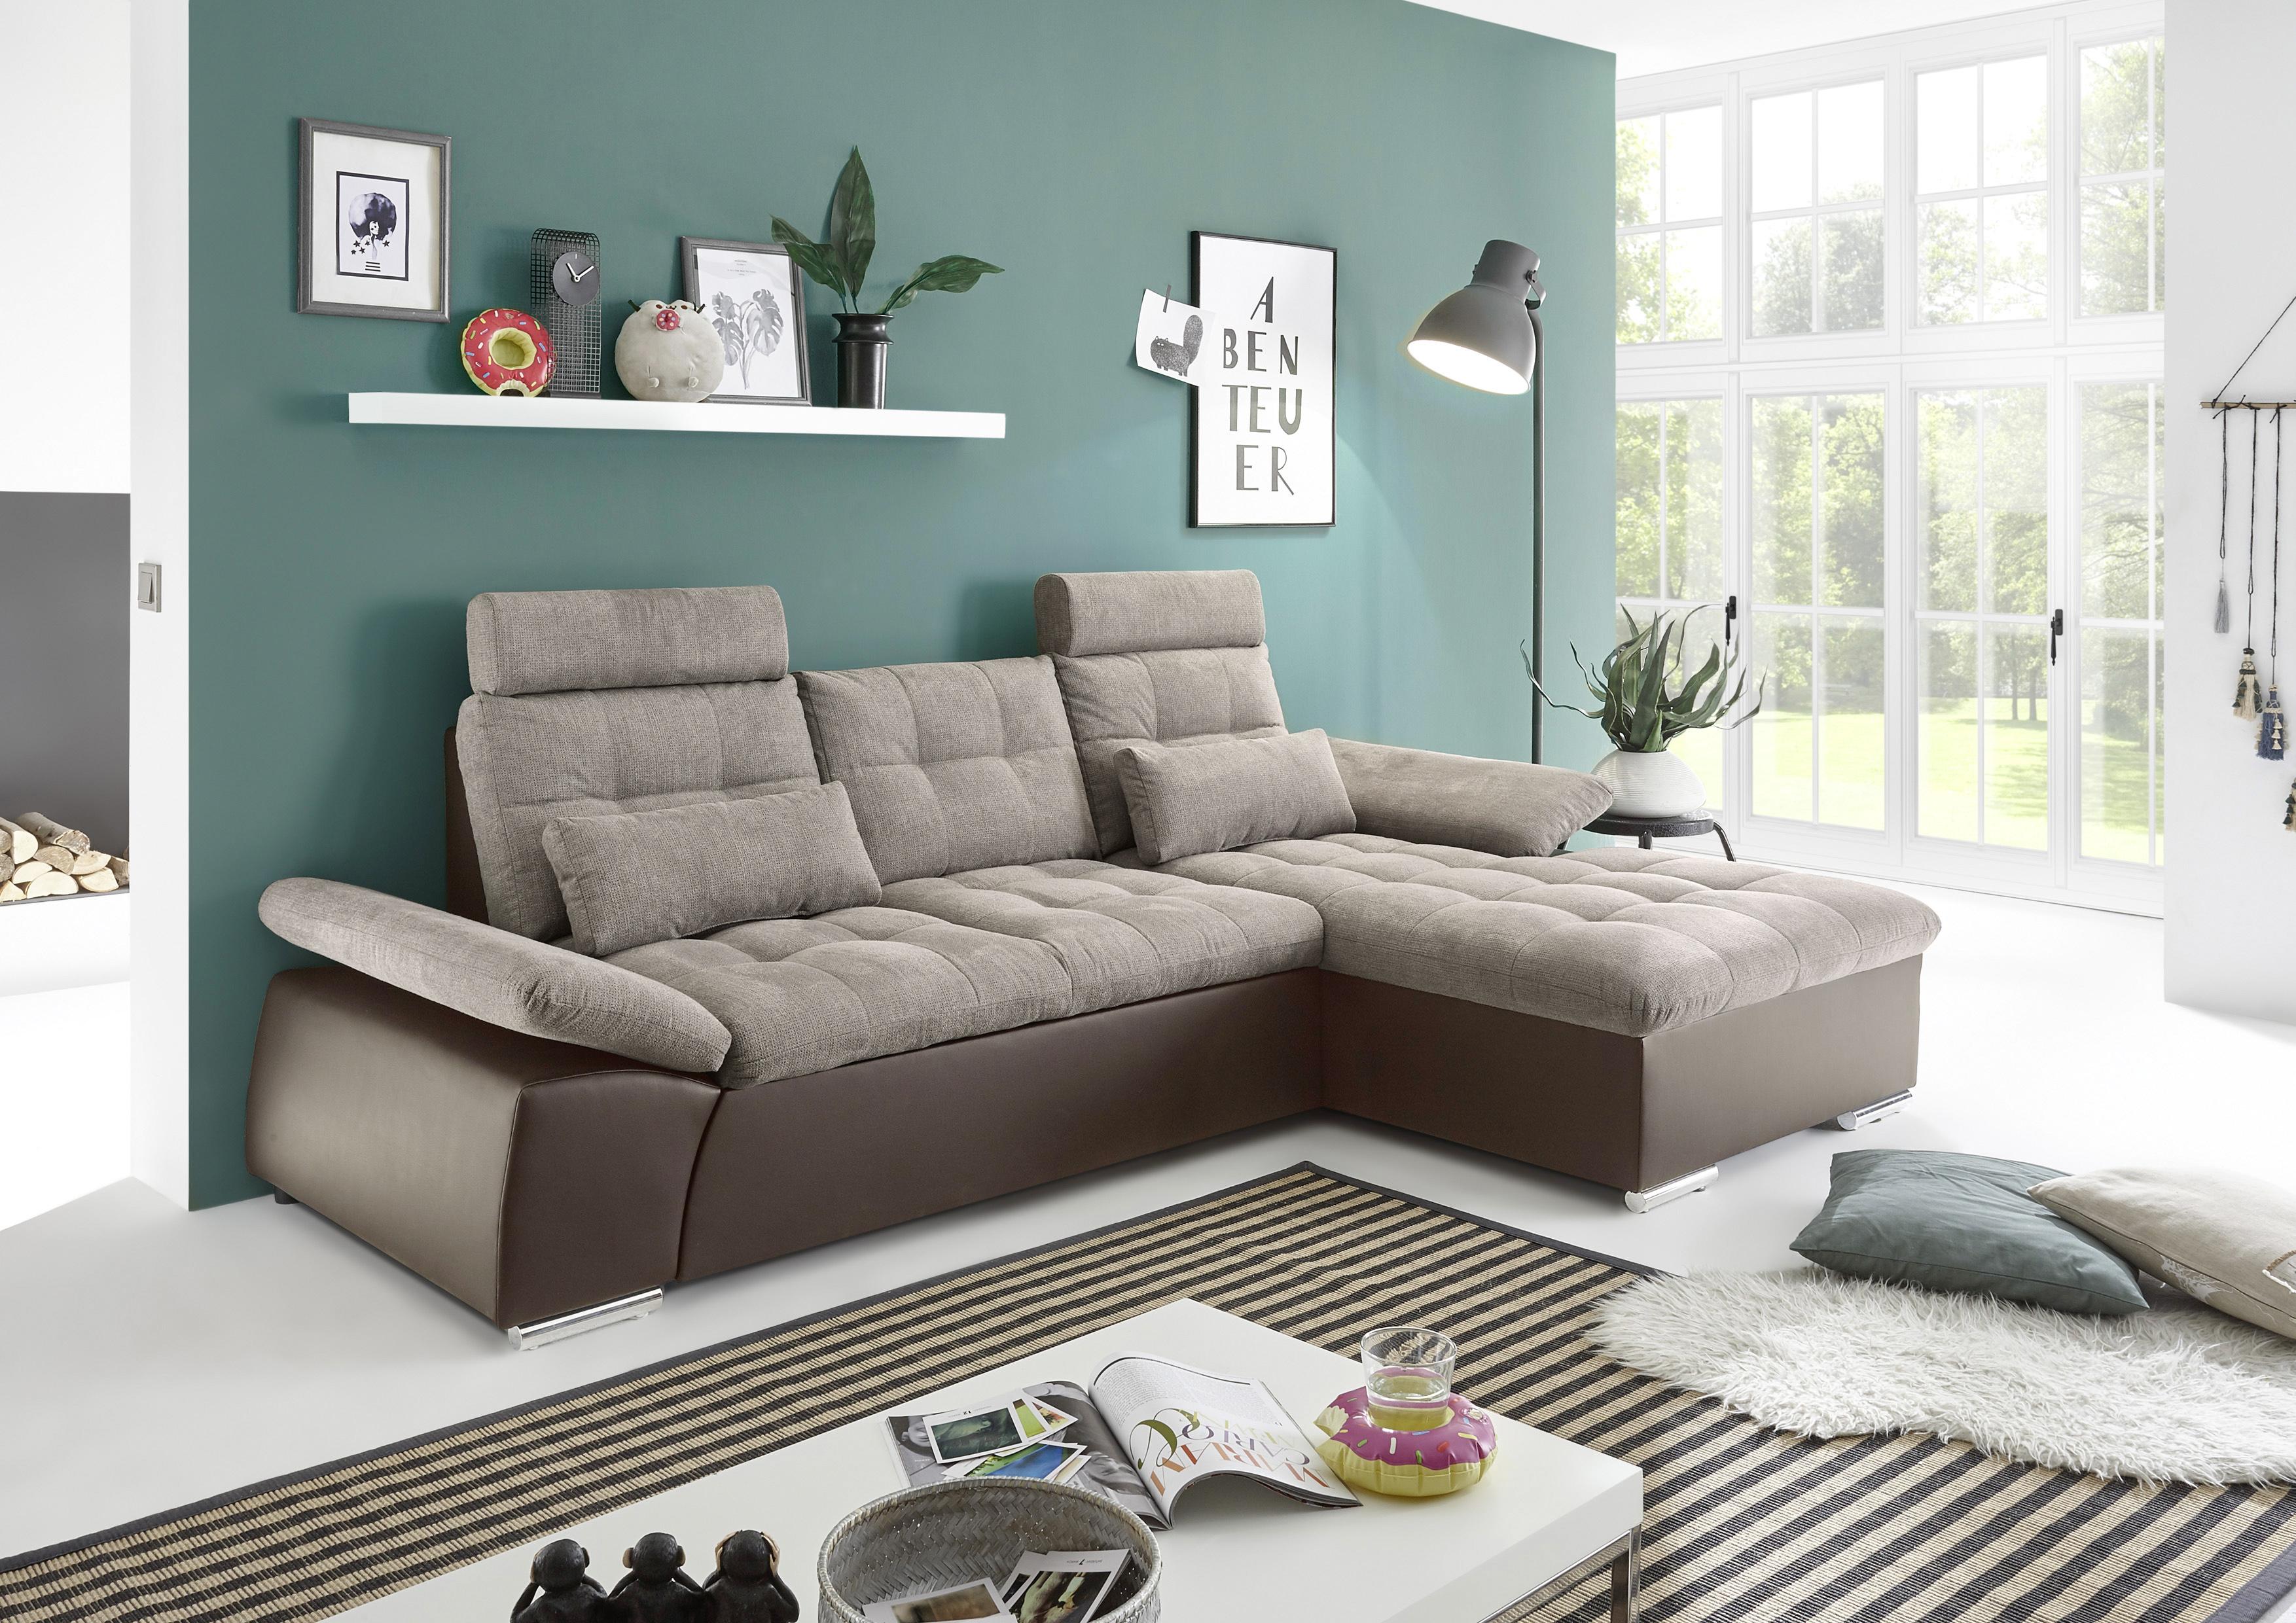 Details zu Ecksofa Couch Schlafcouch Schlafsofa Lederlook braun beige  Ottomane rechts LForm